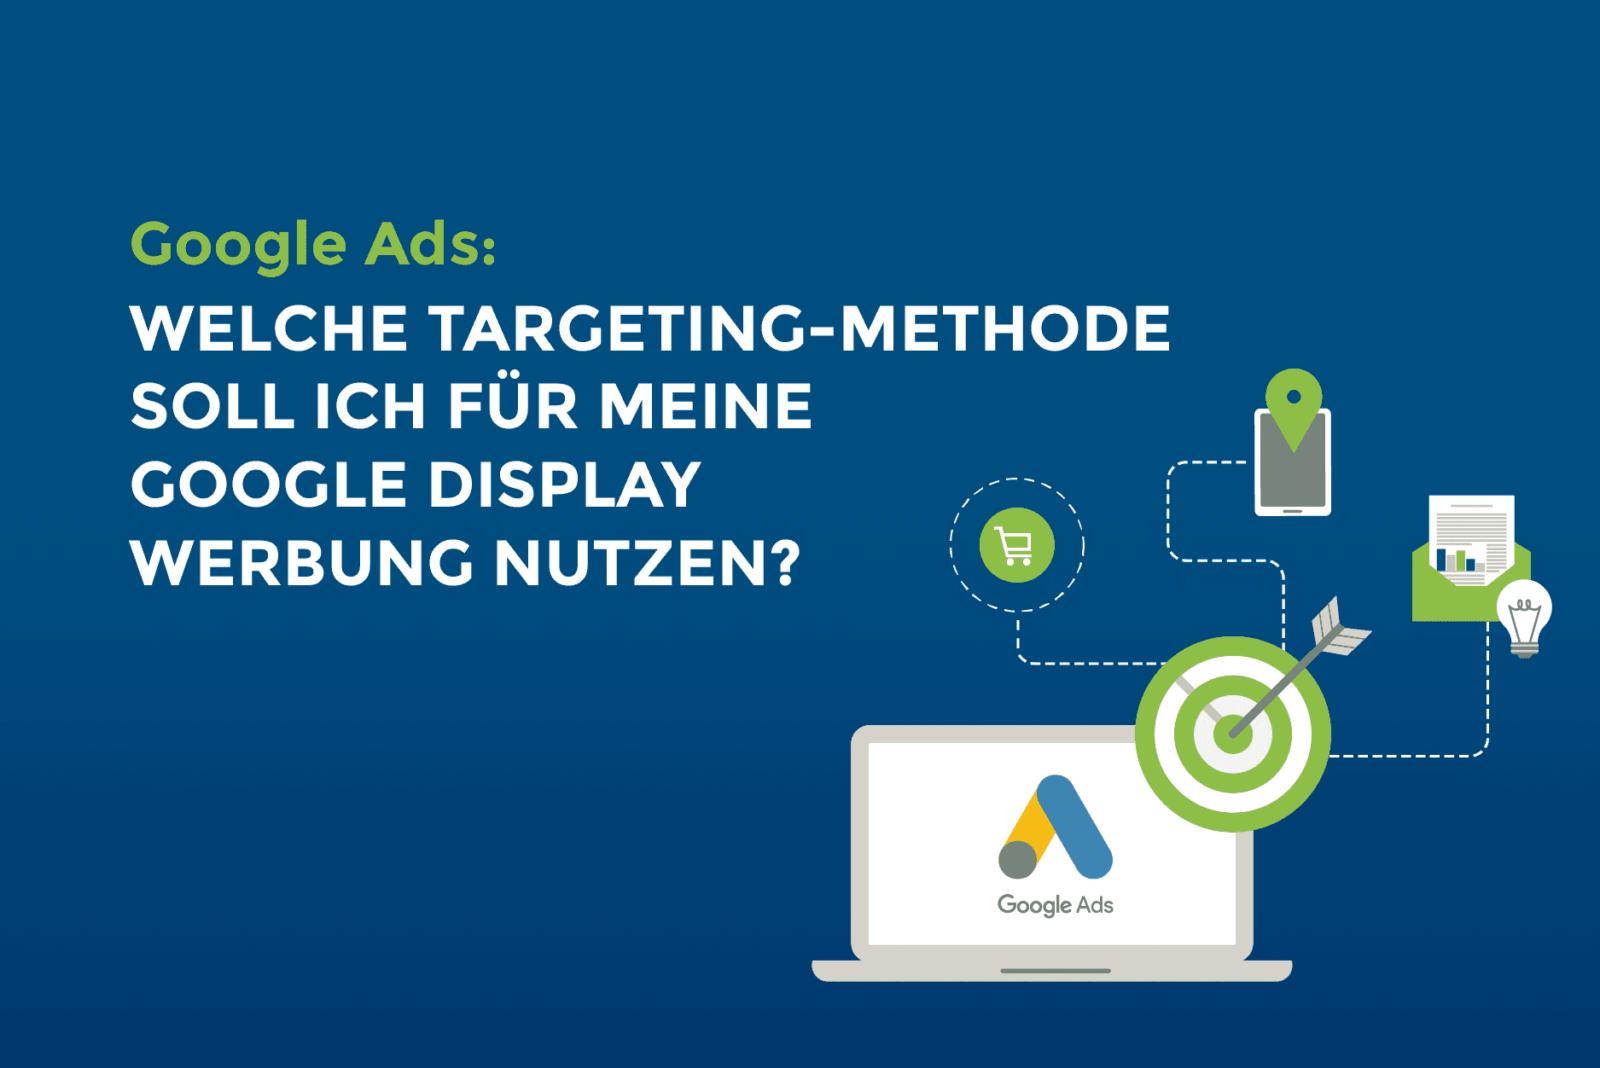 Google Ads: Welche Targeting-Methode soll ich für meine Google Display Werbung nutzen?